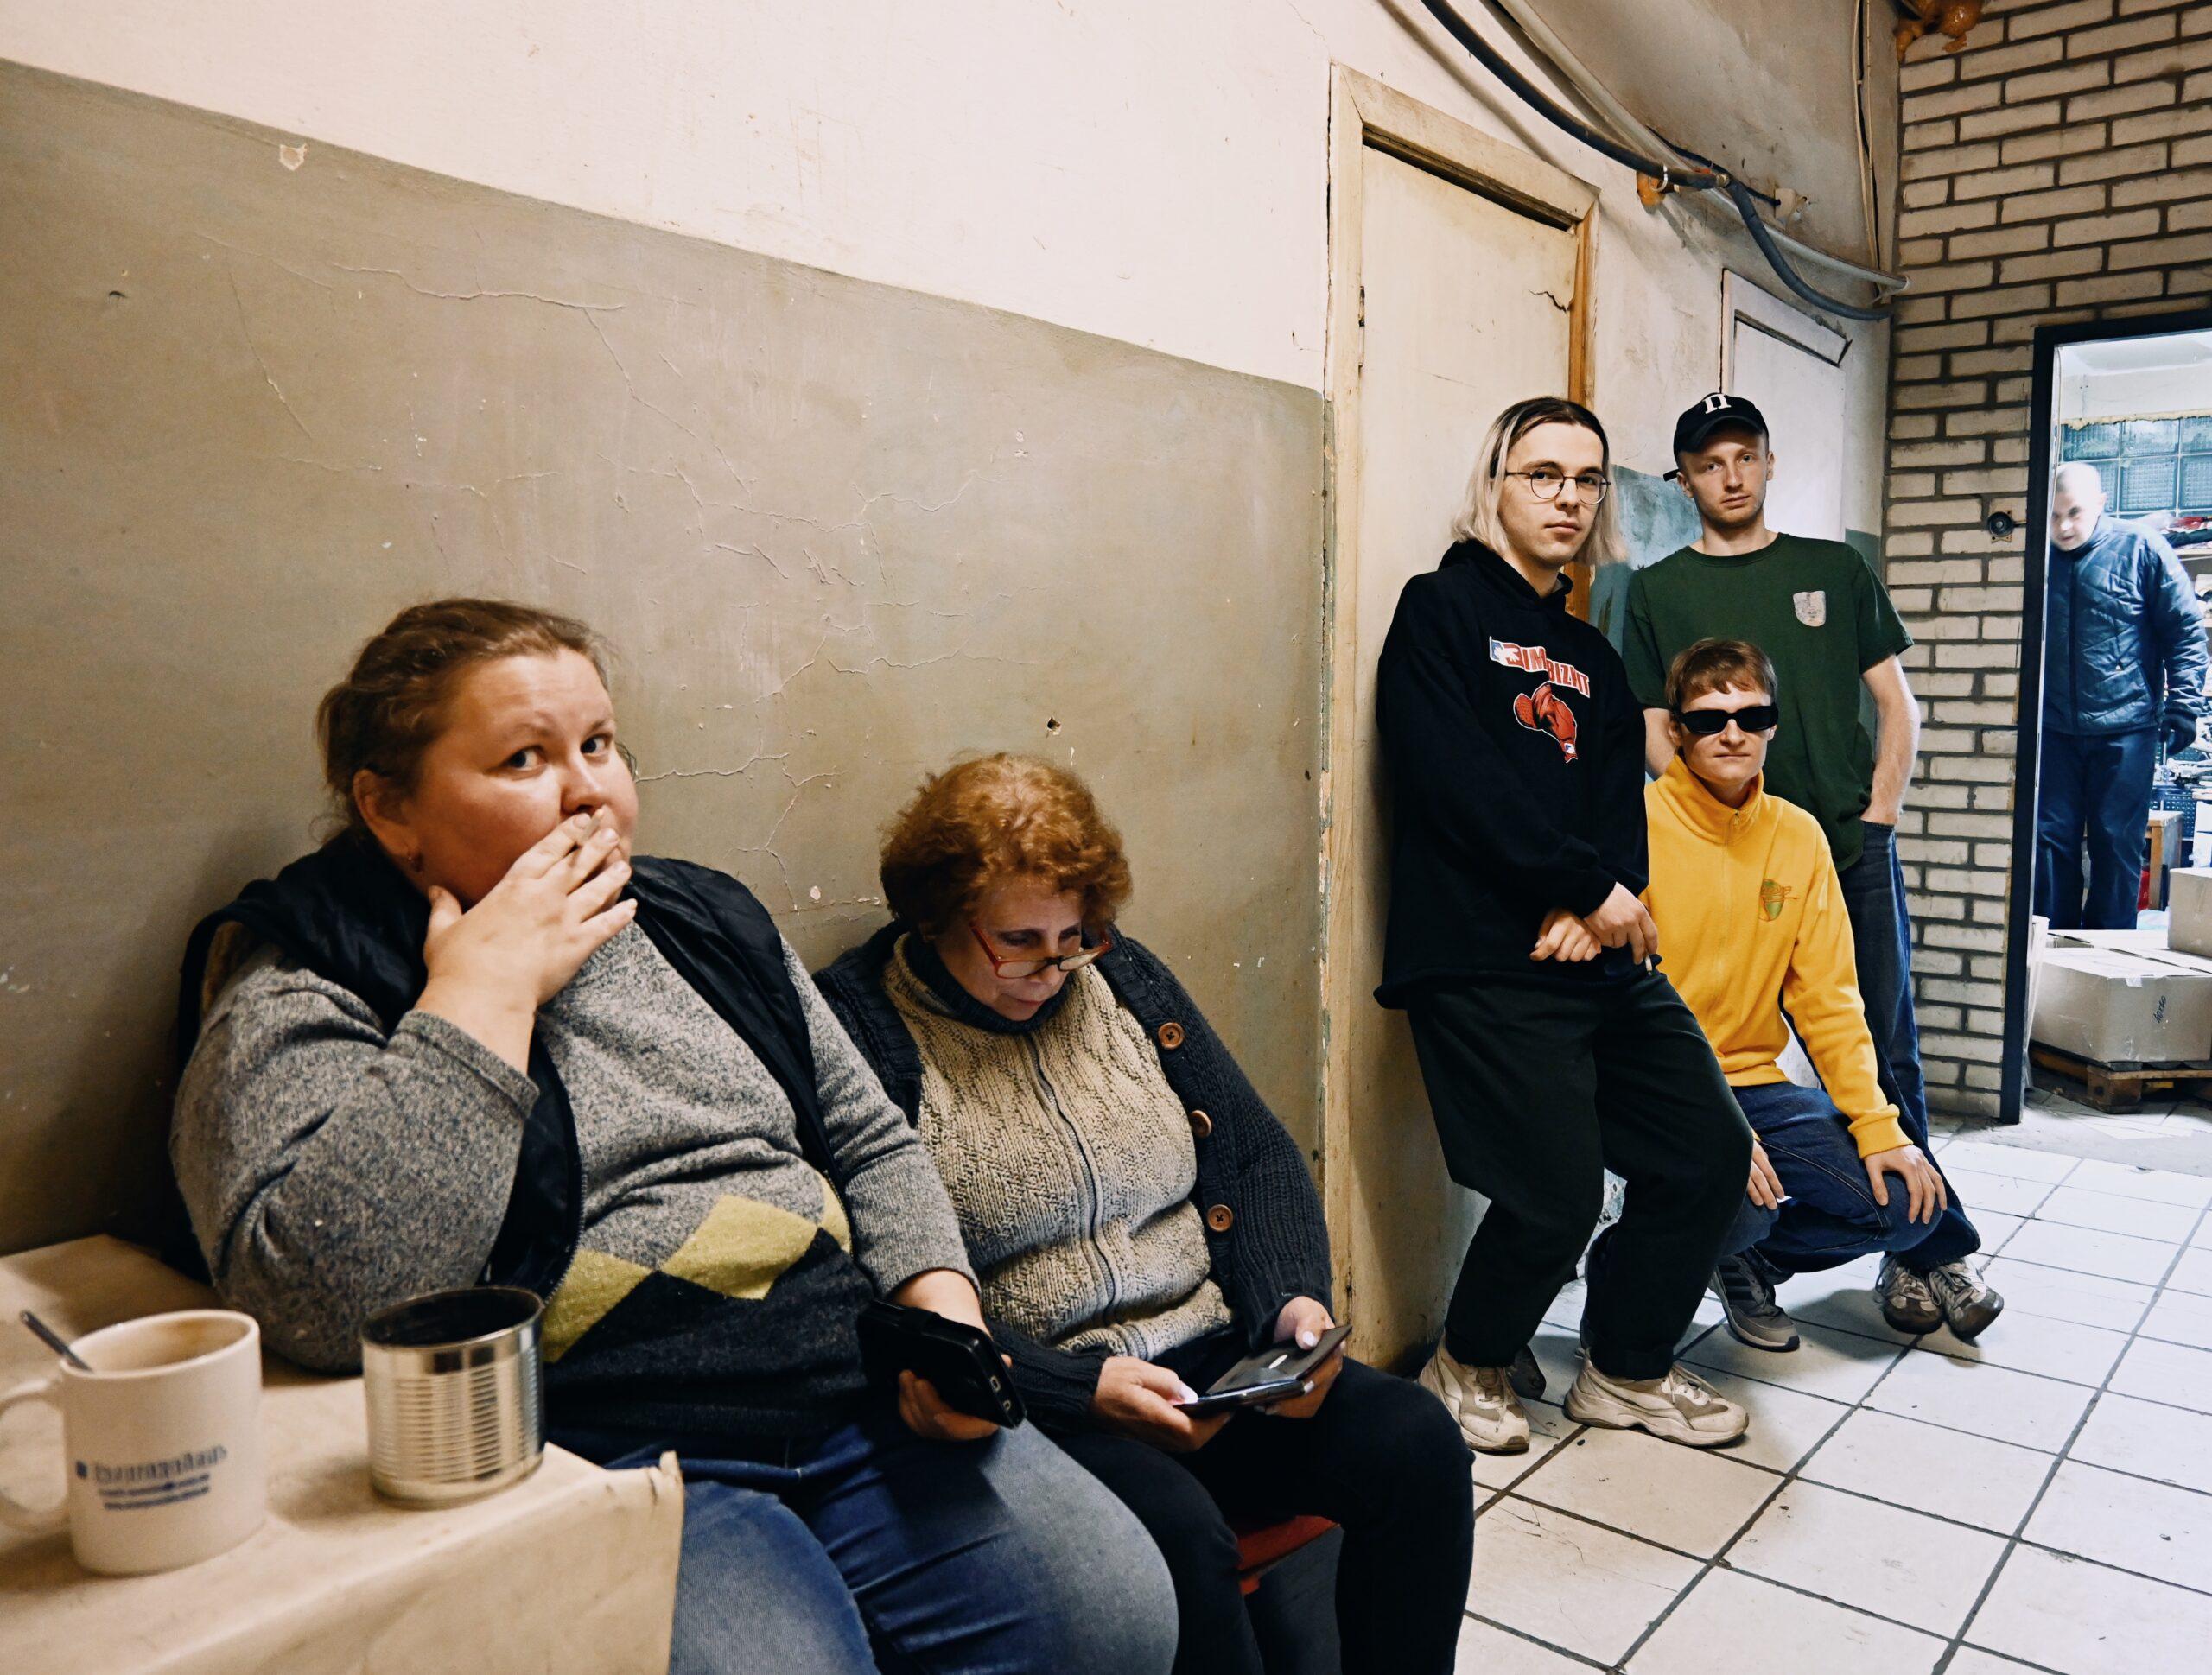 Серьога, Олесь та Влад в коридорі перед офісом редакції «ПОТОП». Фото: Маркіян Русул